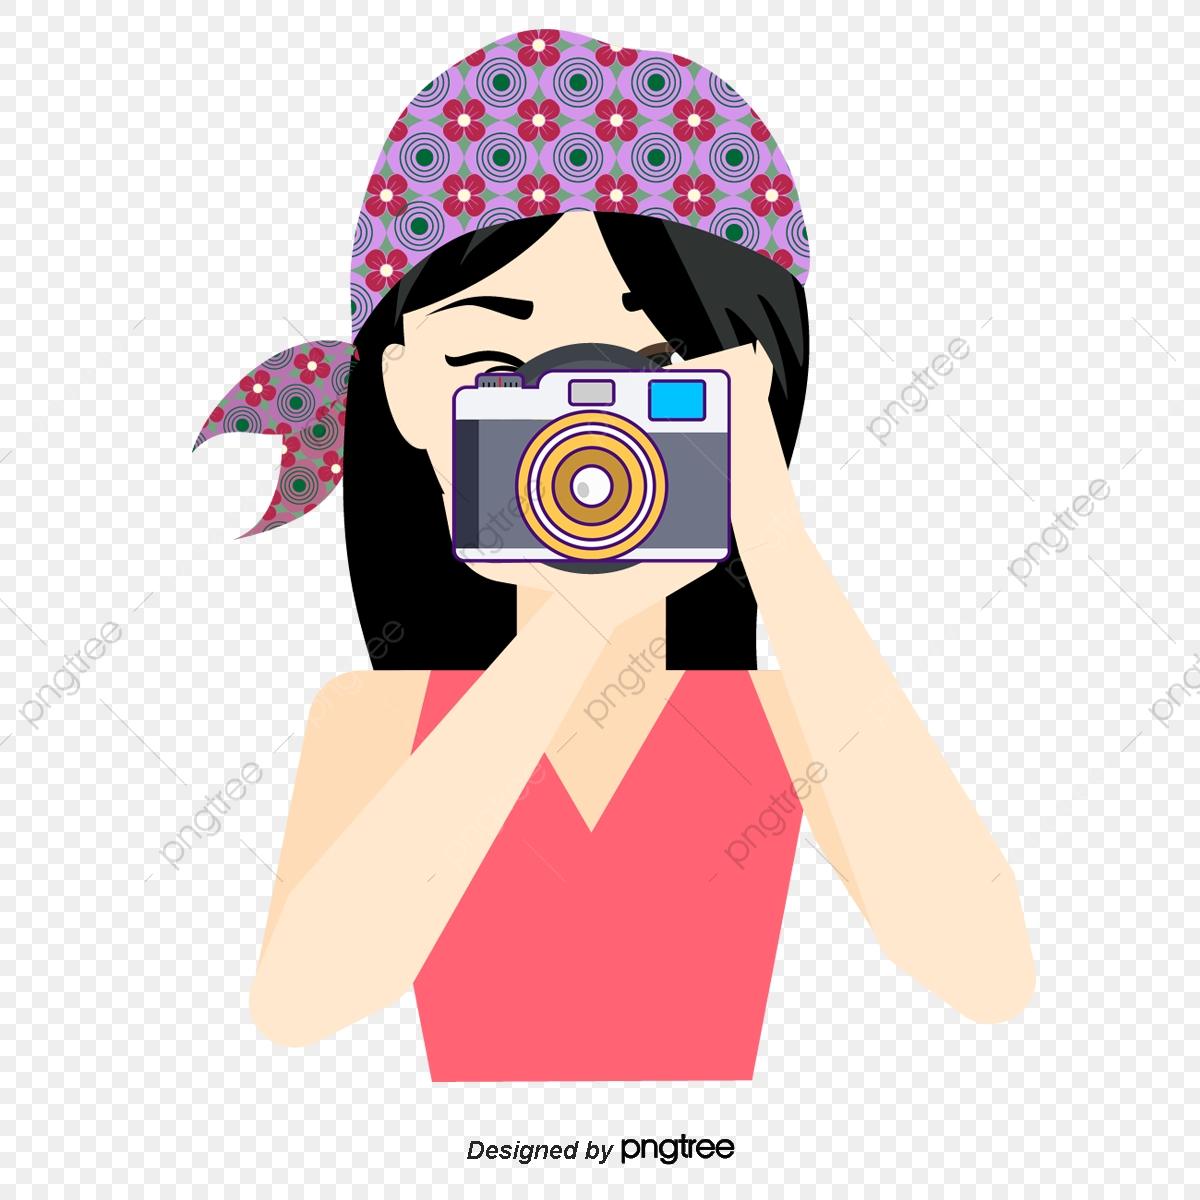 femme photographe d u00e9coration vecteur les femmes png et